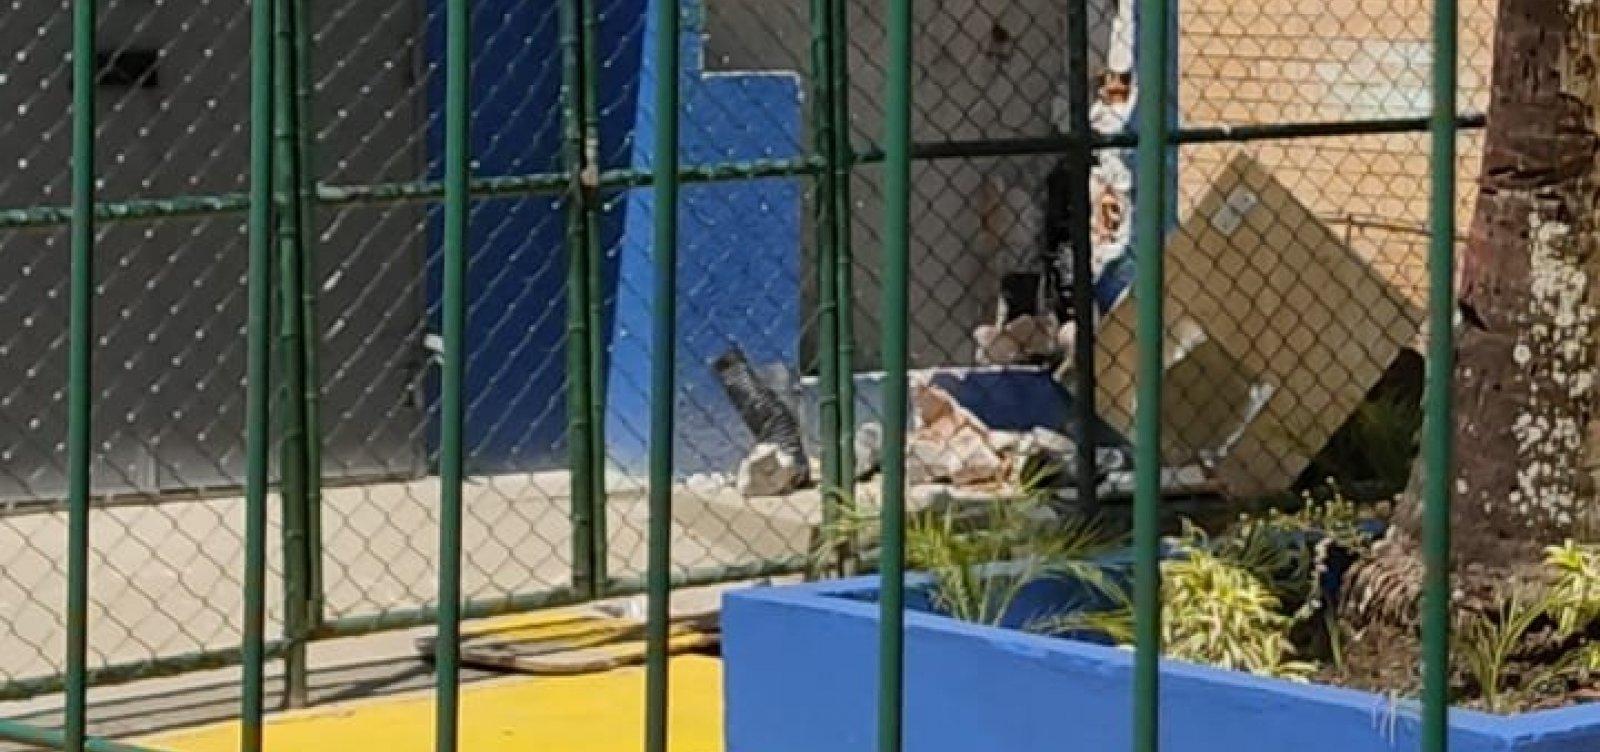 Polícia investida onda de assaltos em escola de Salvador; pais reclamam de insegurança